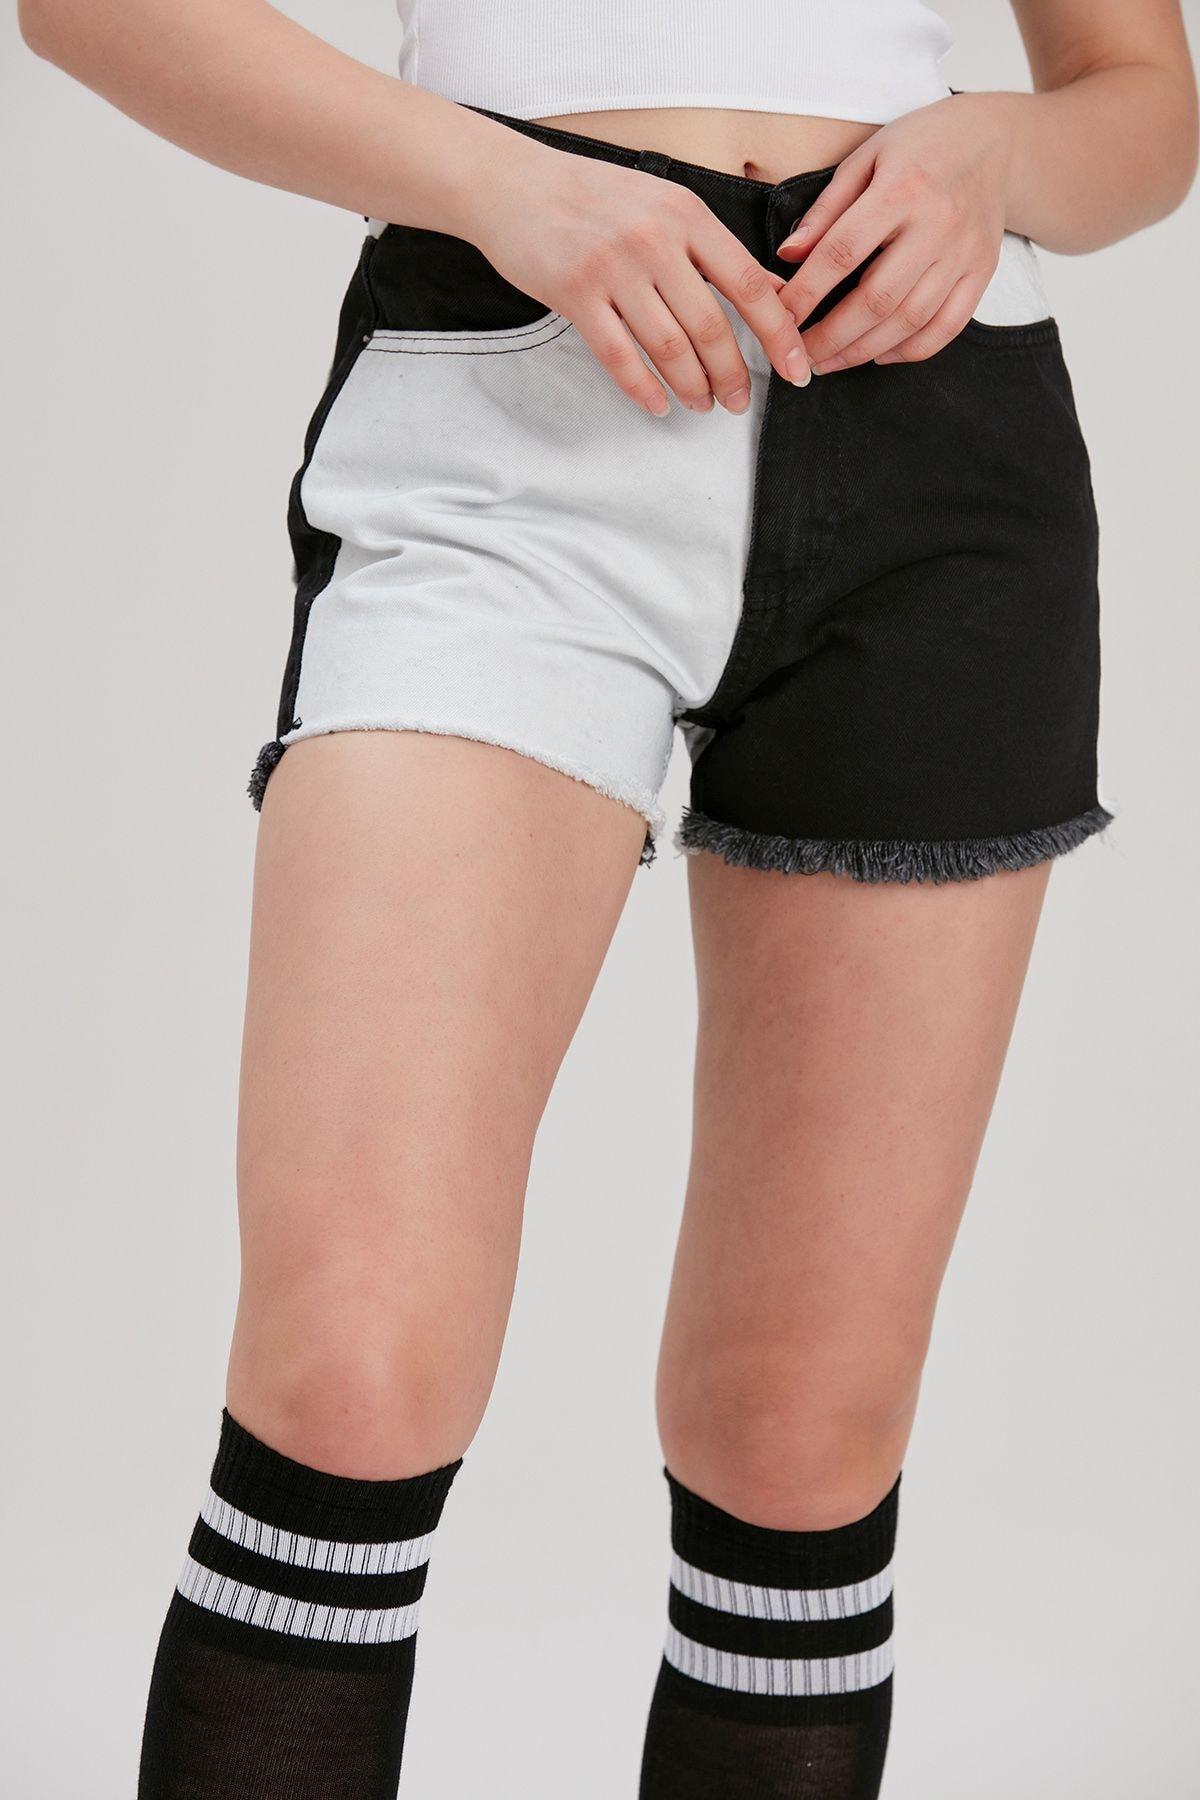 Y-London Kadın Siyah-Beyaz Renk Bloklu Kot Şort YL-PN99853 1